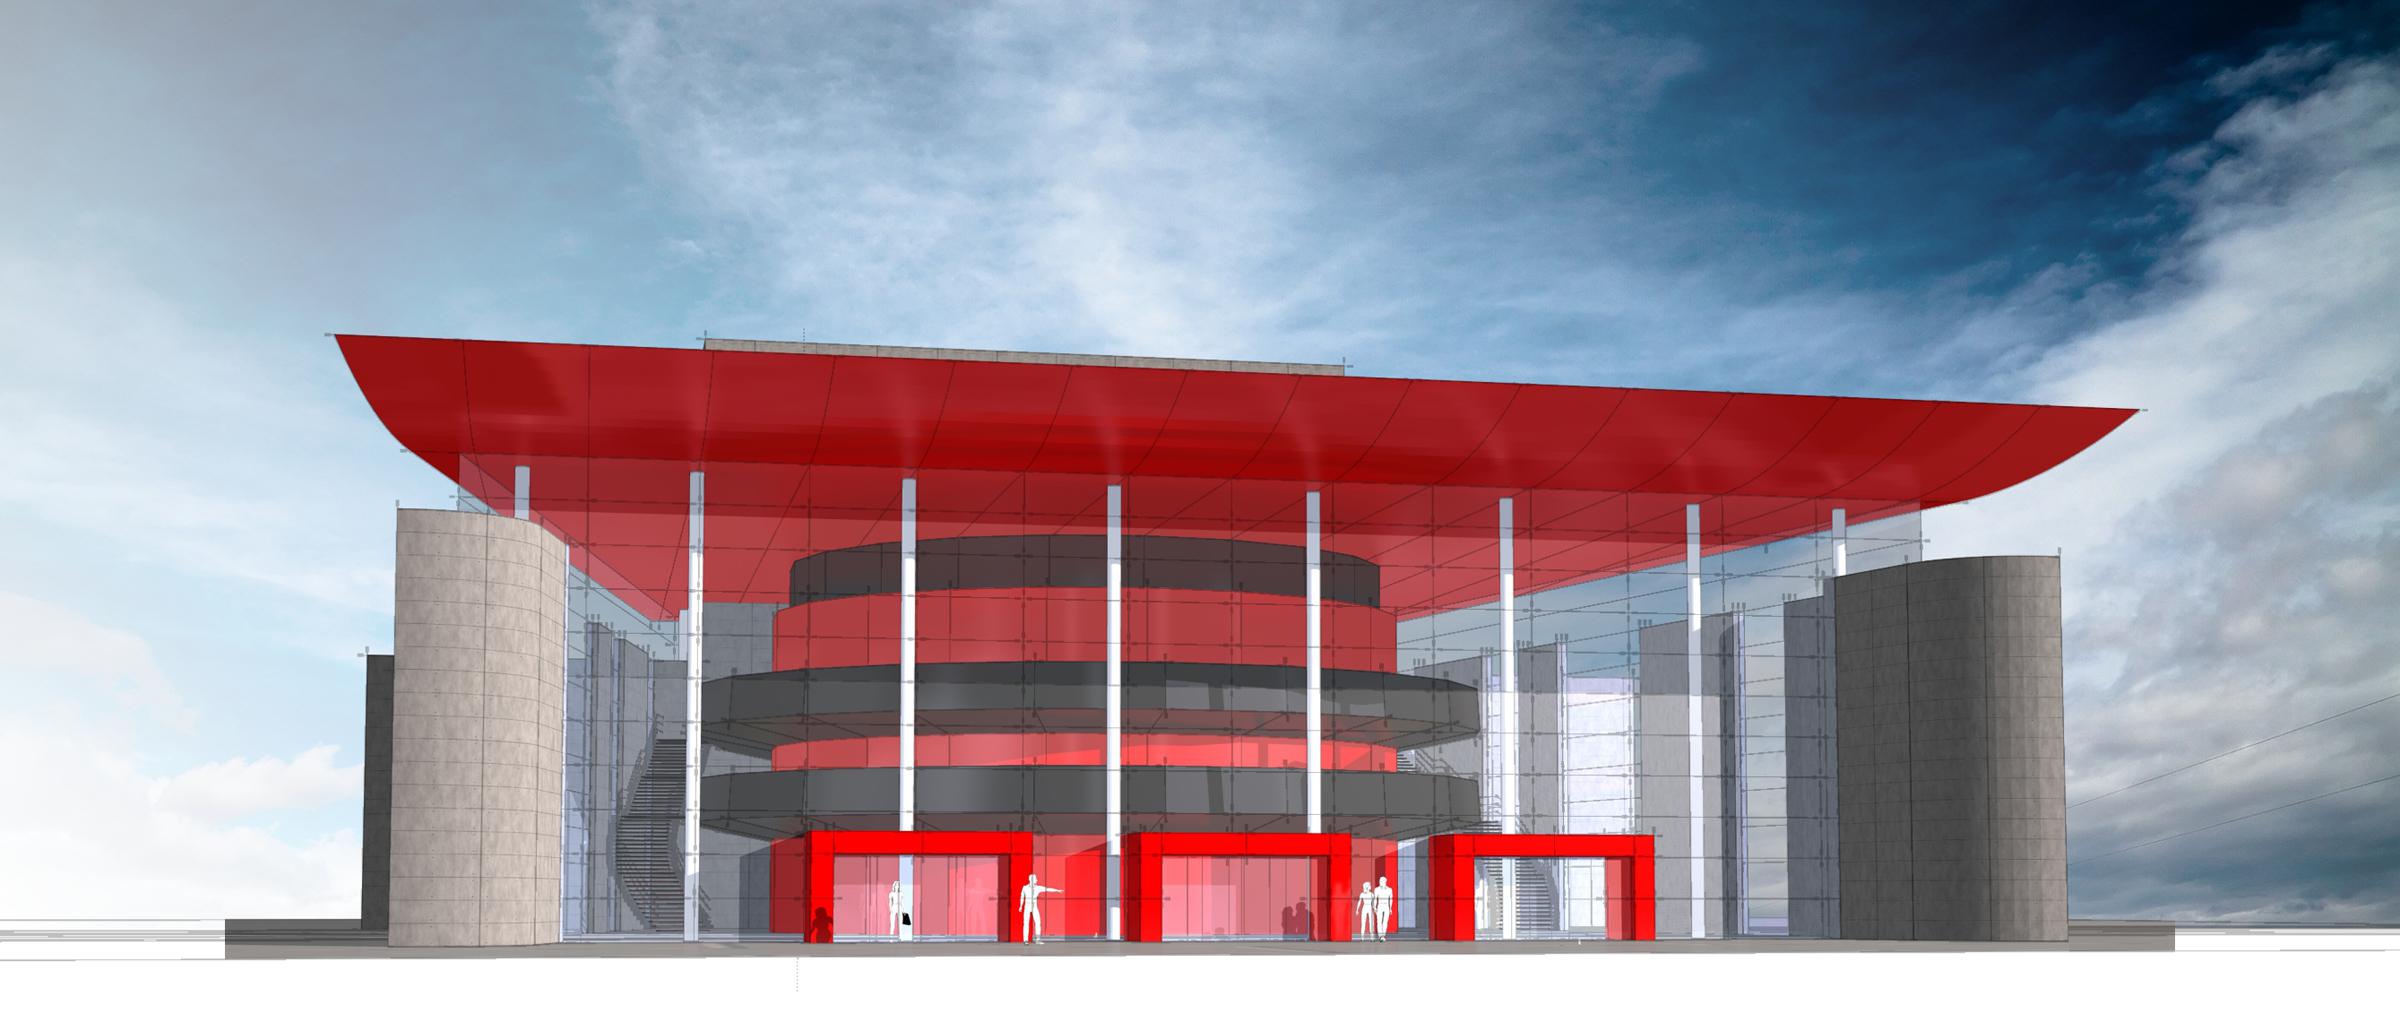 Разработка архитектурной концепции театра оперы и балета фото f_71152f4a0e6658b8.jpg